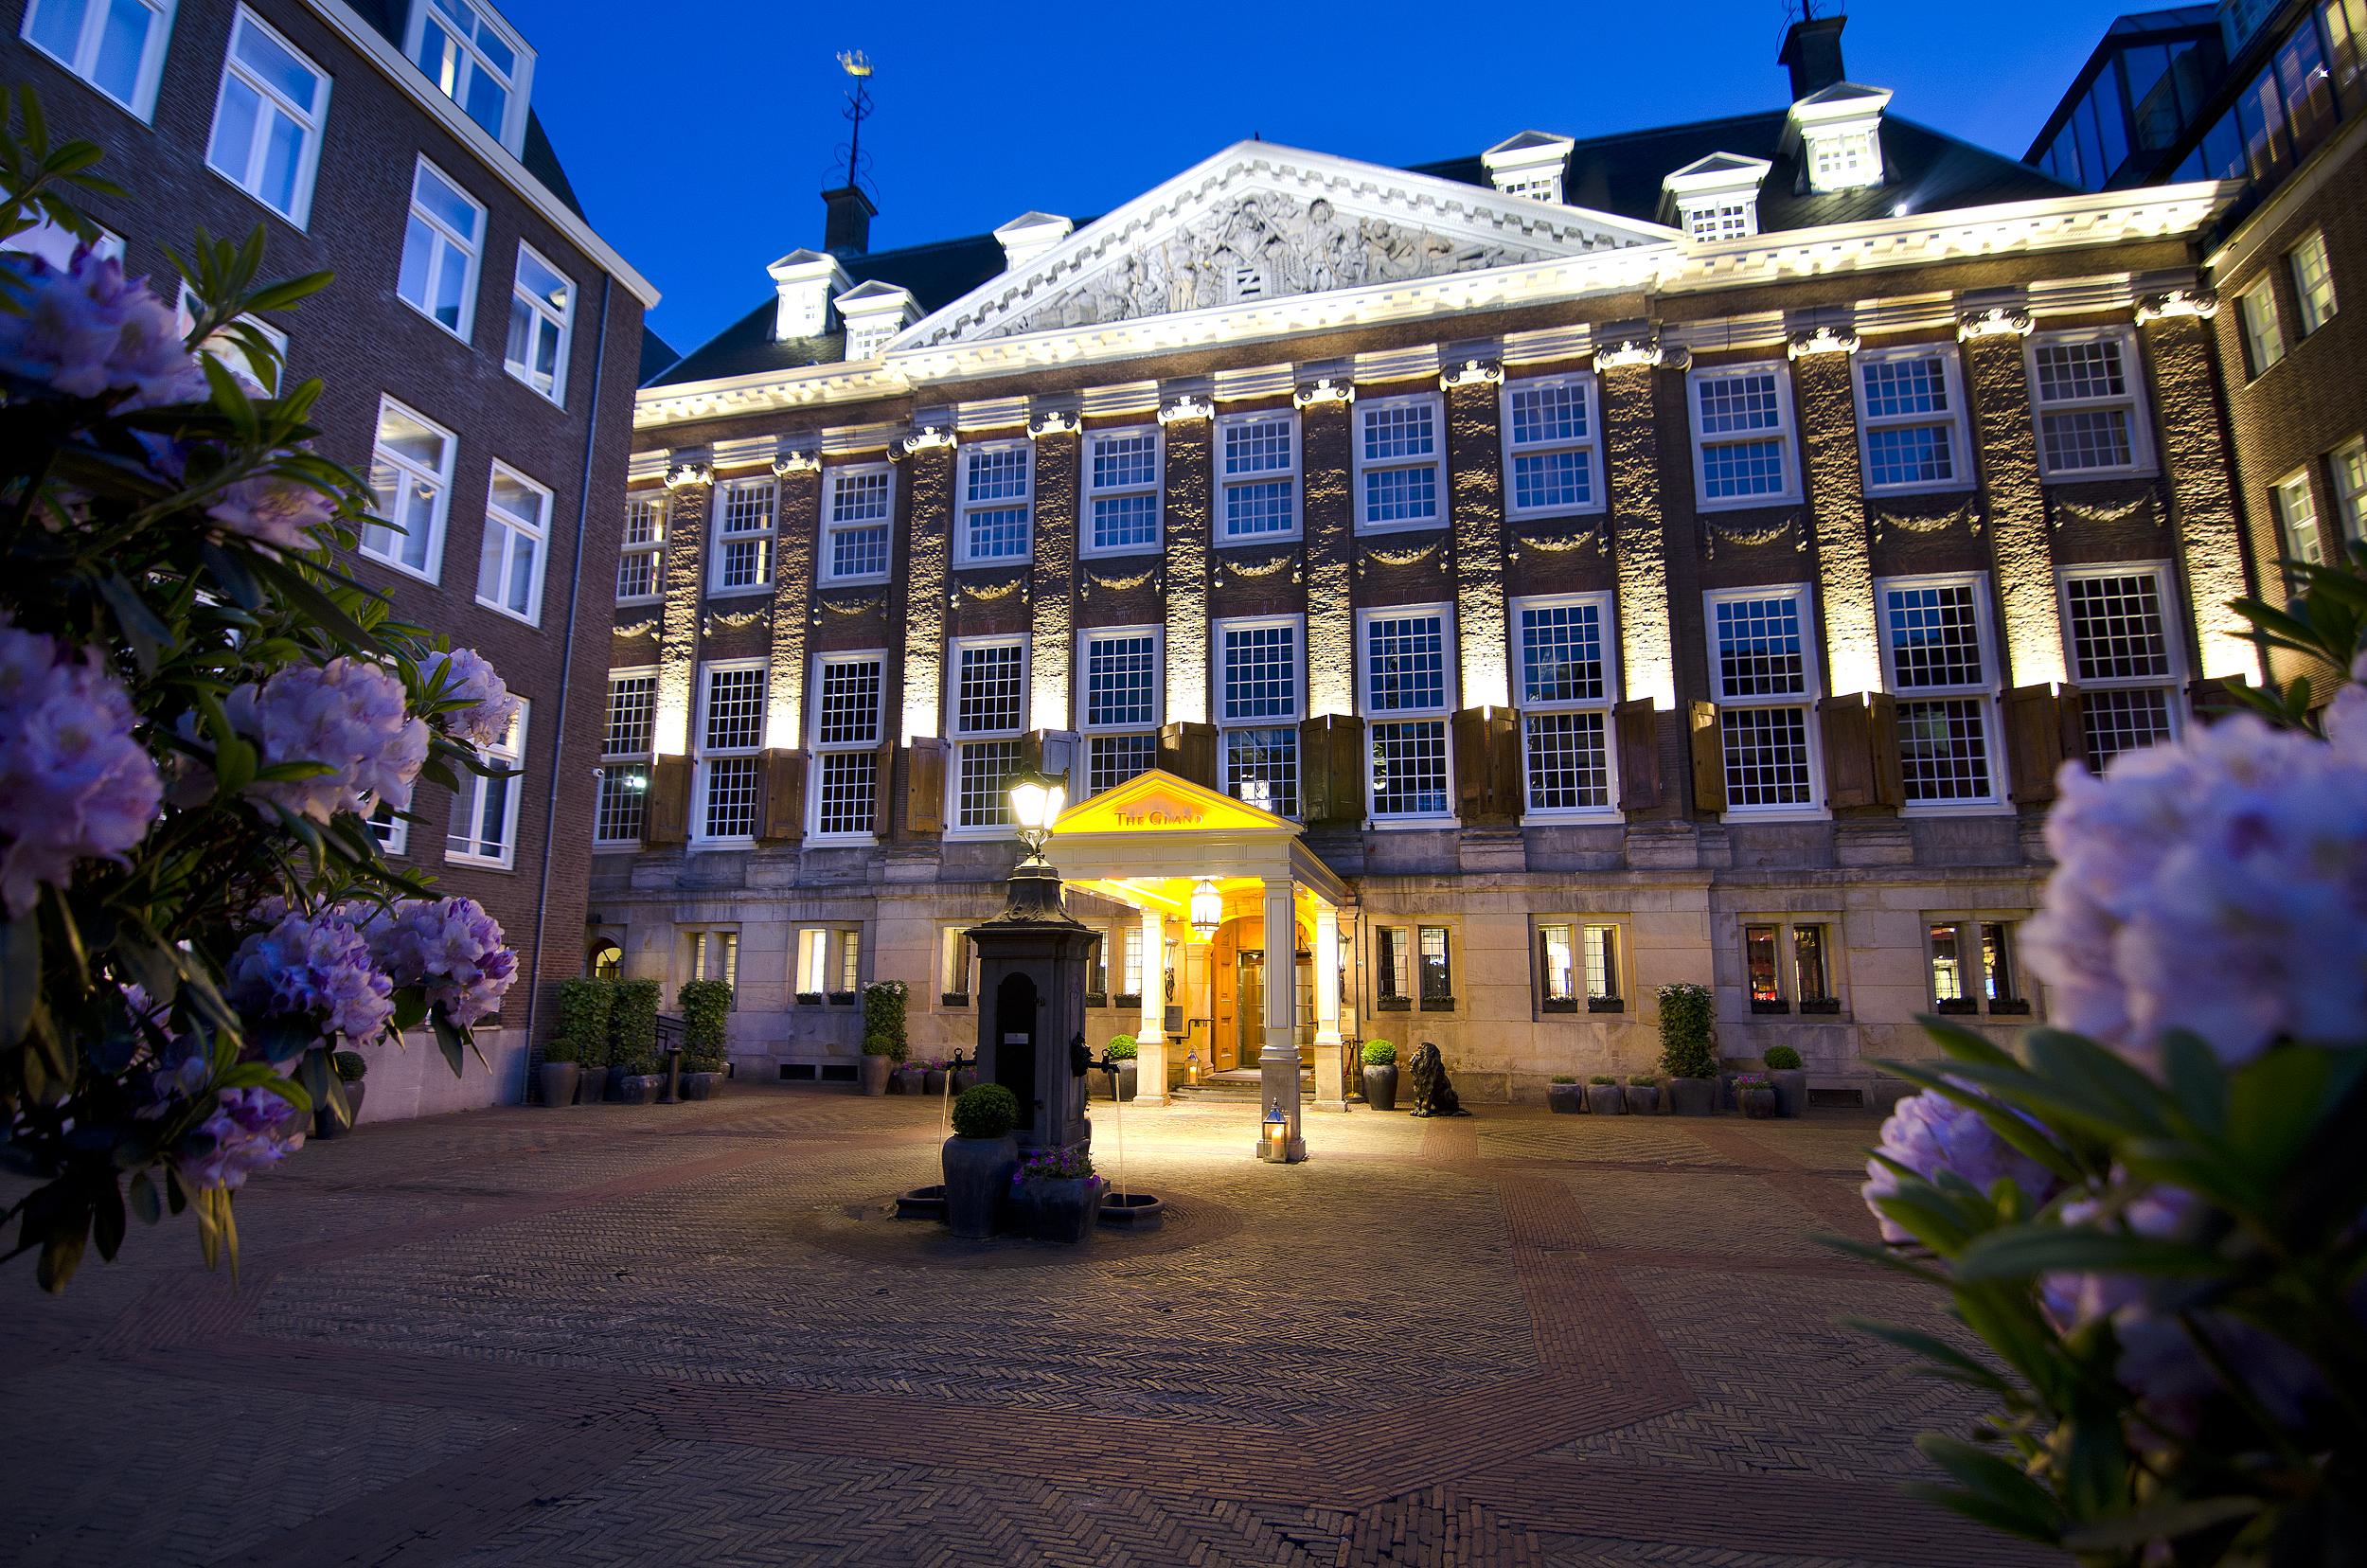 01. Facade Sofitel Legend The Grand Amsterdam